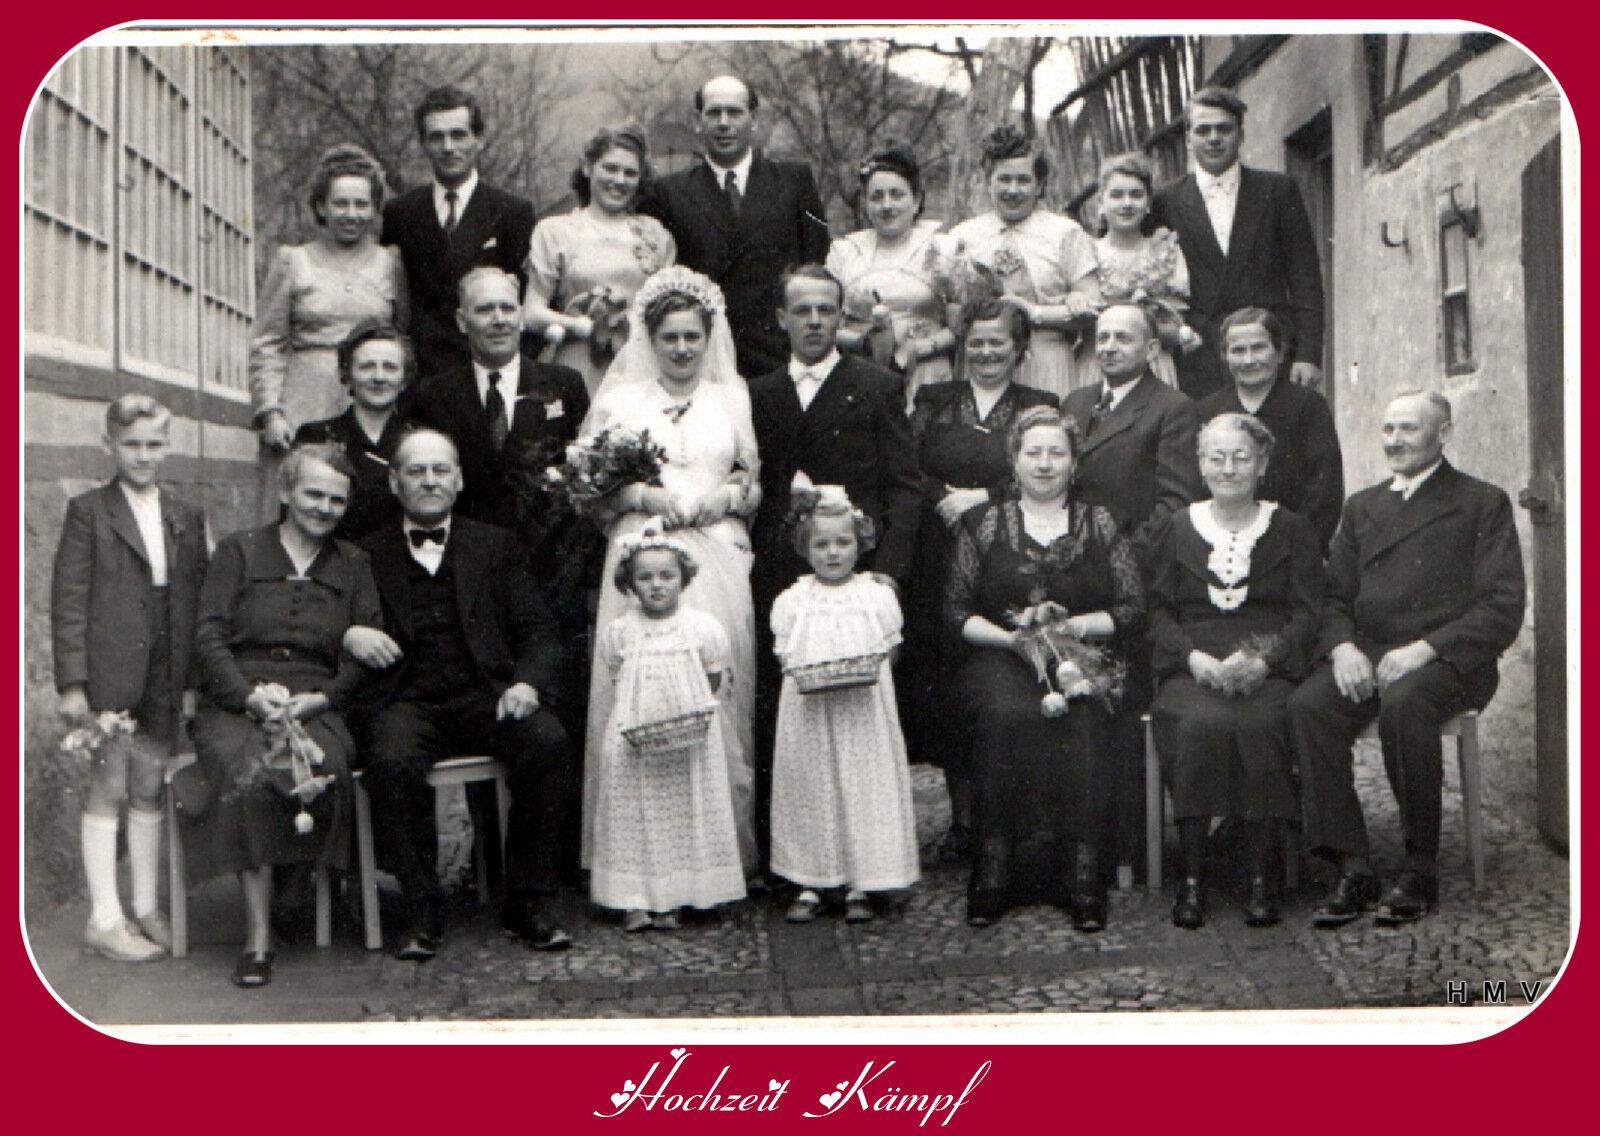 Hochzeit Kämpf